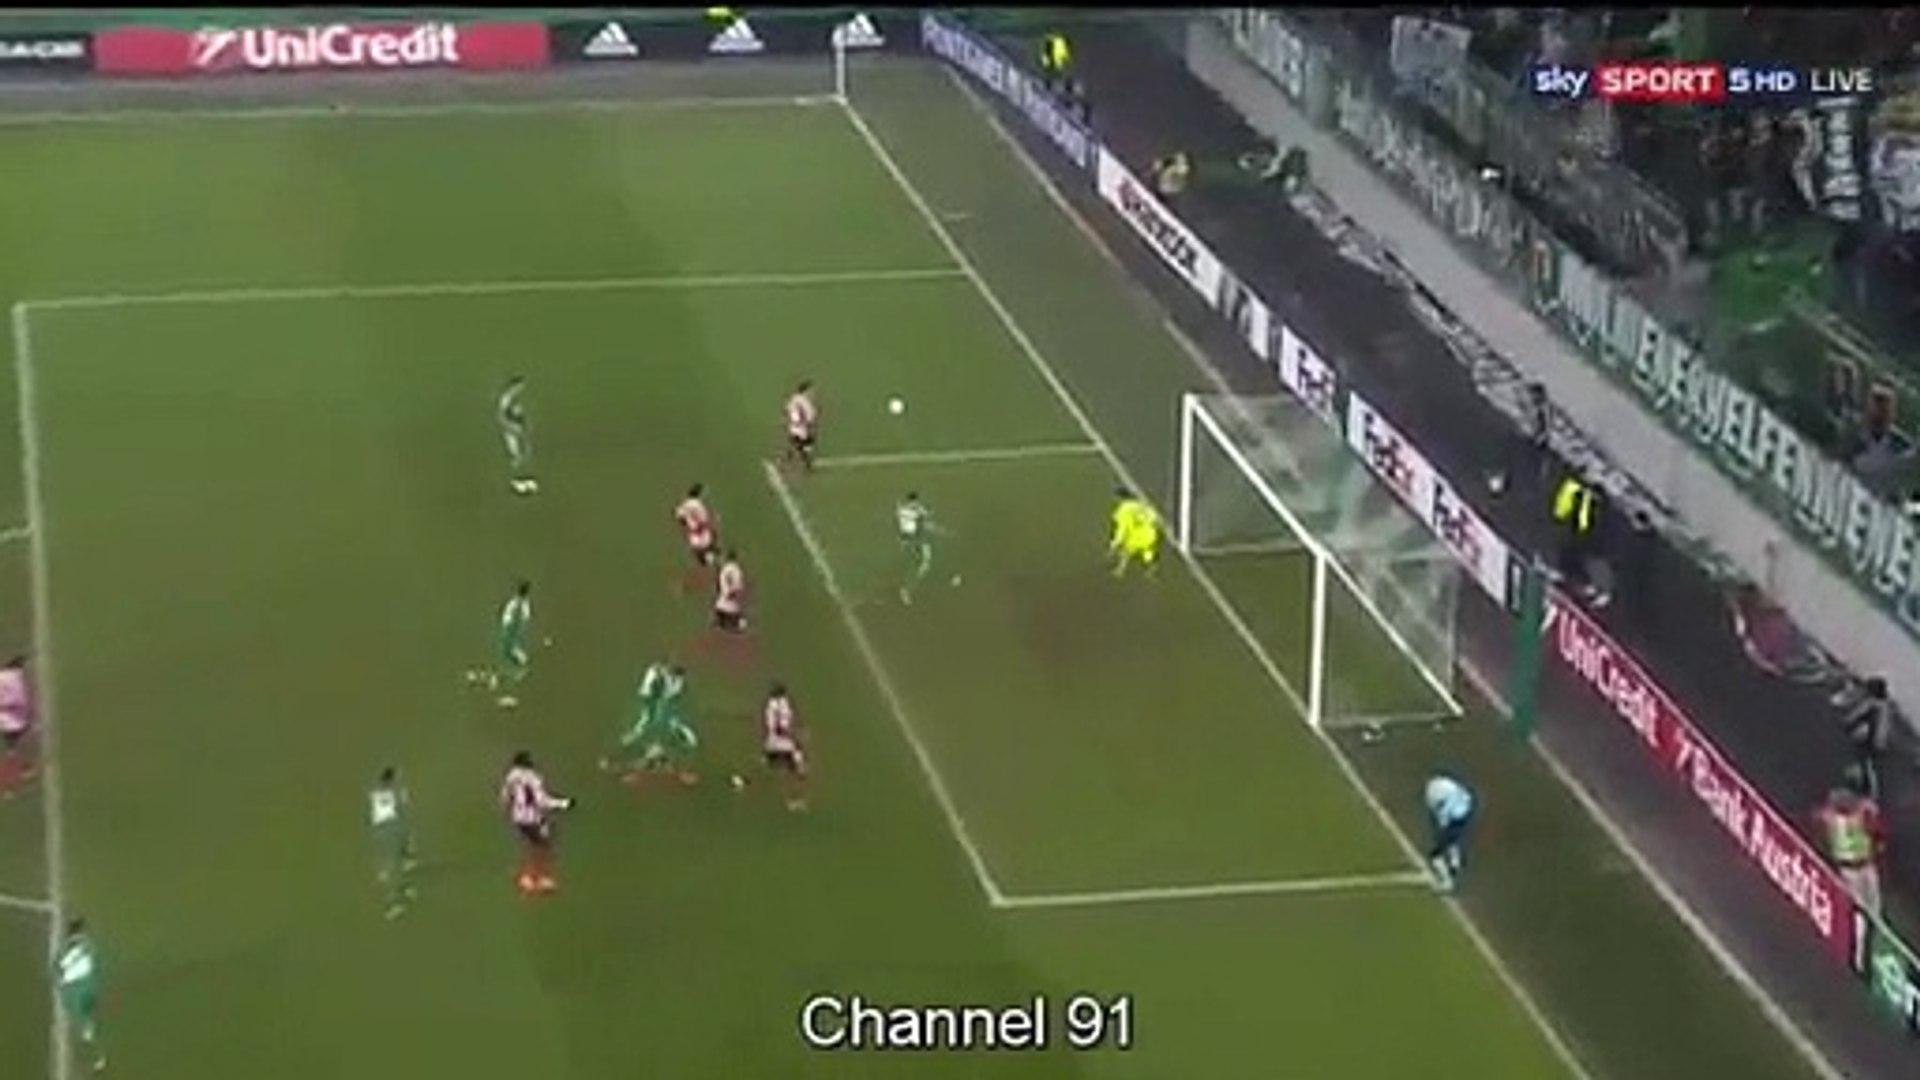 Enric Saborit Goal Hd Sk Rapid Wien 1 1 Athletic Bilbao 08 12 2016 Hd Video Dailymotion